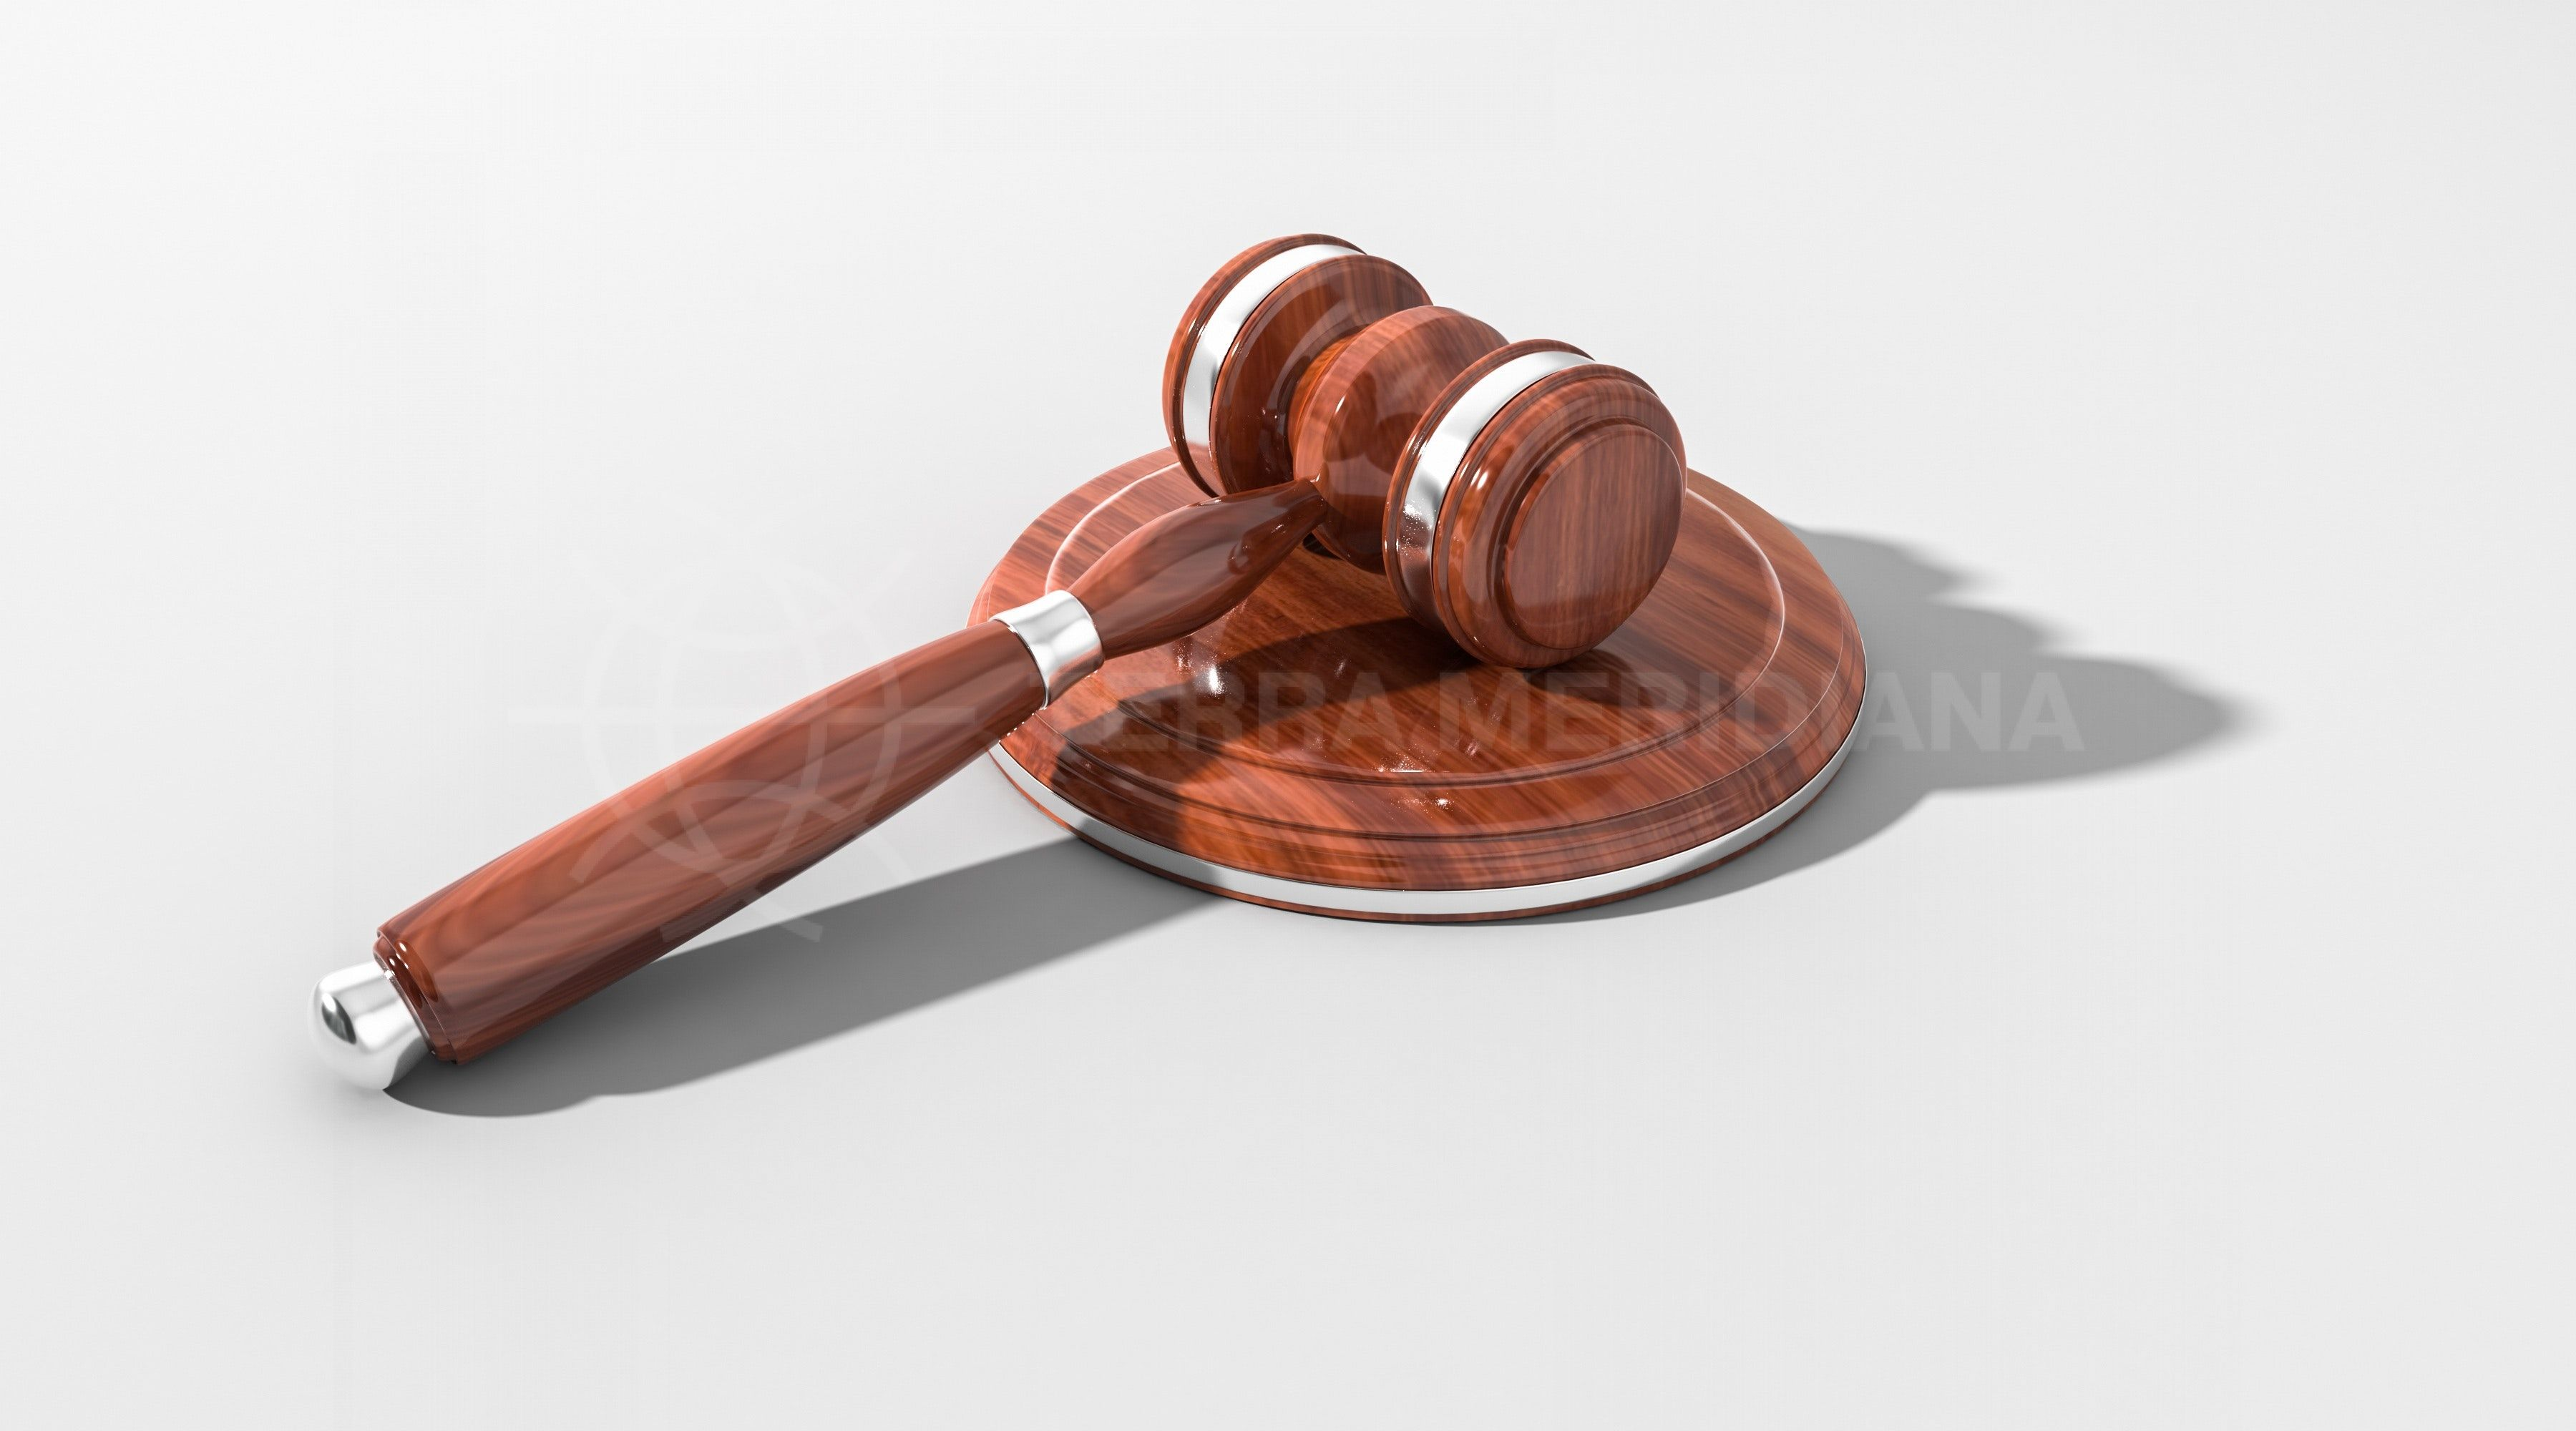 La nueva ley da un alivio a 327.000 propietarios